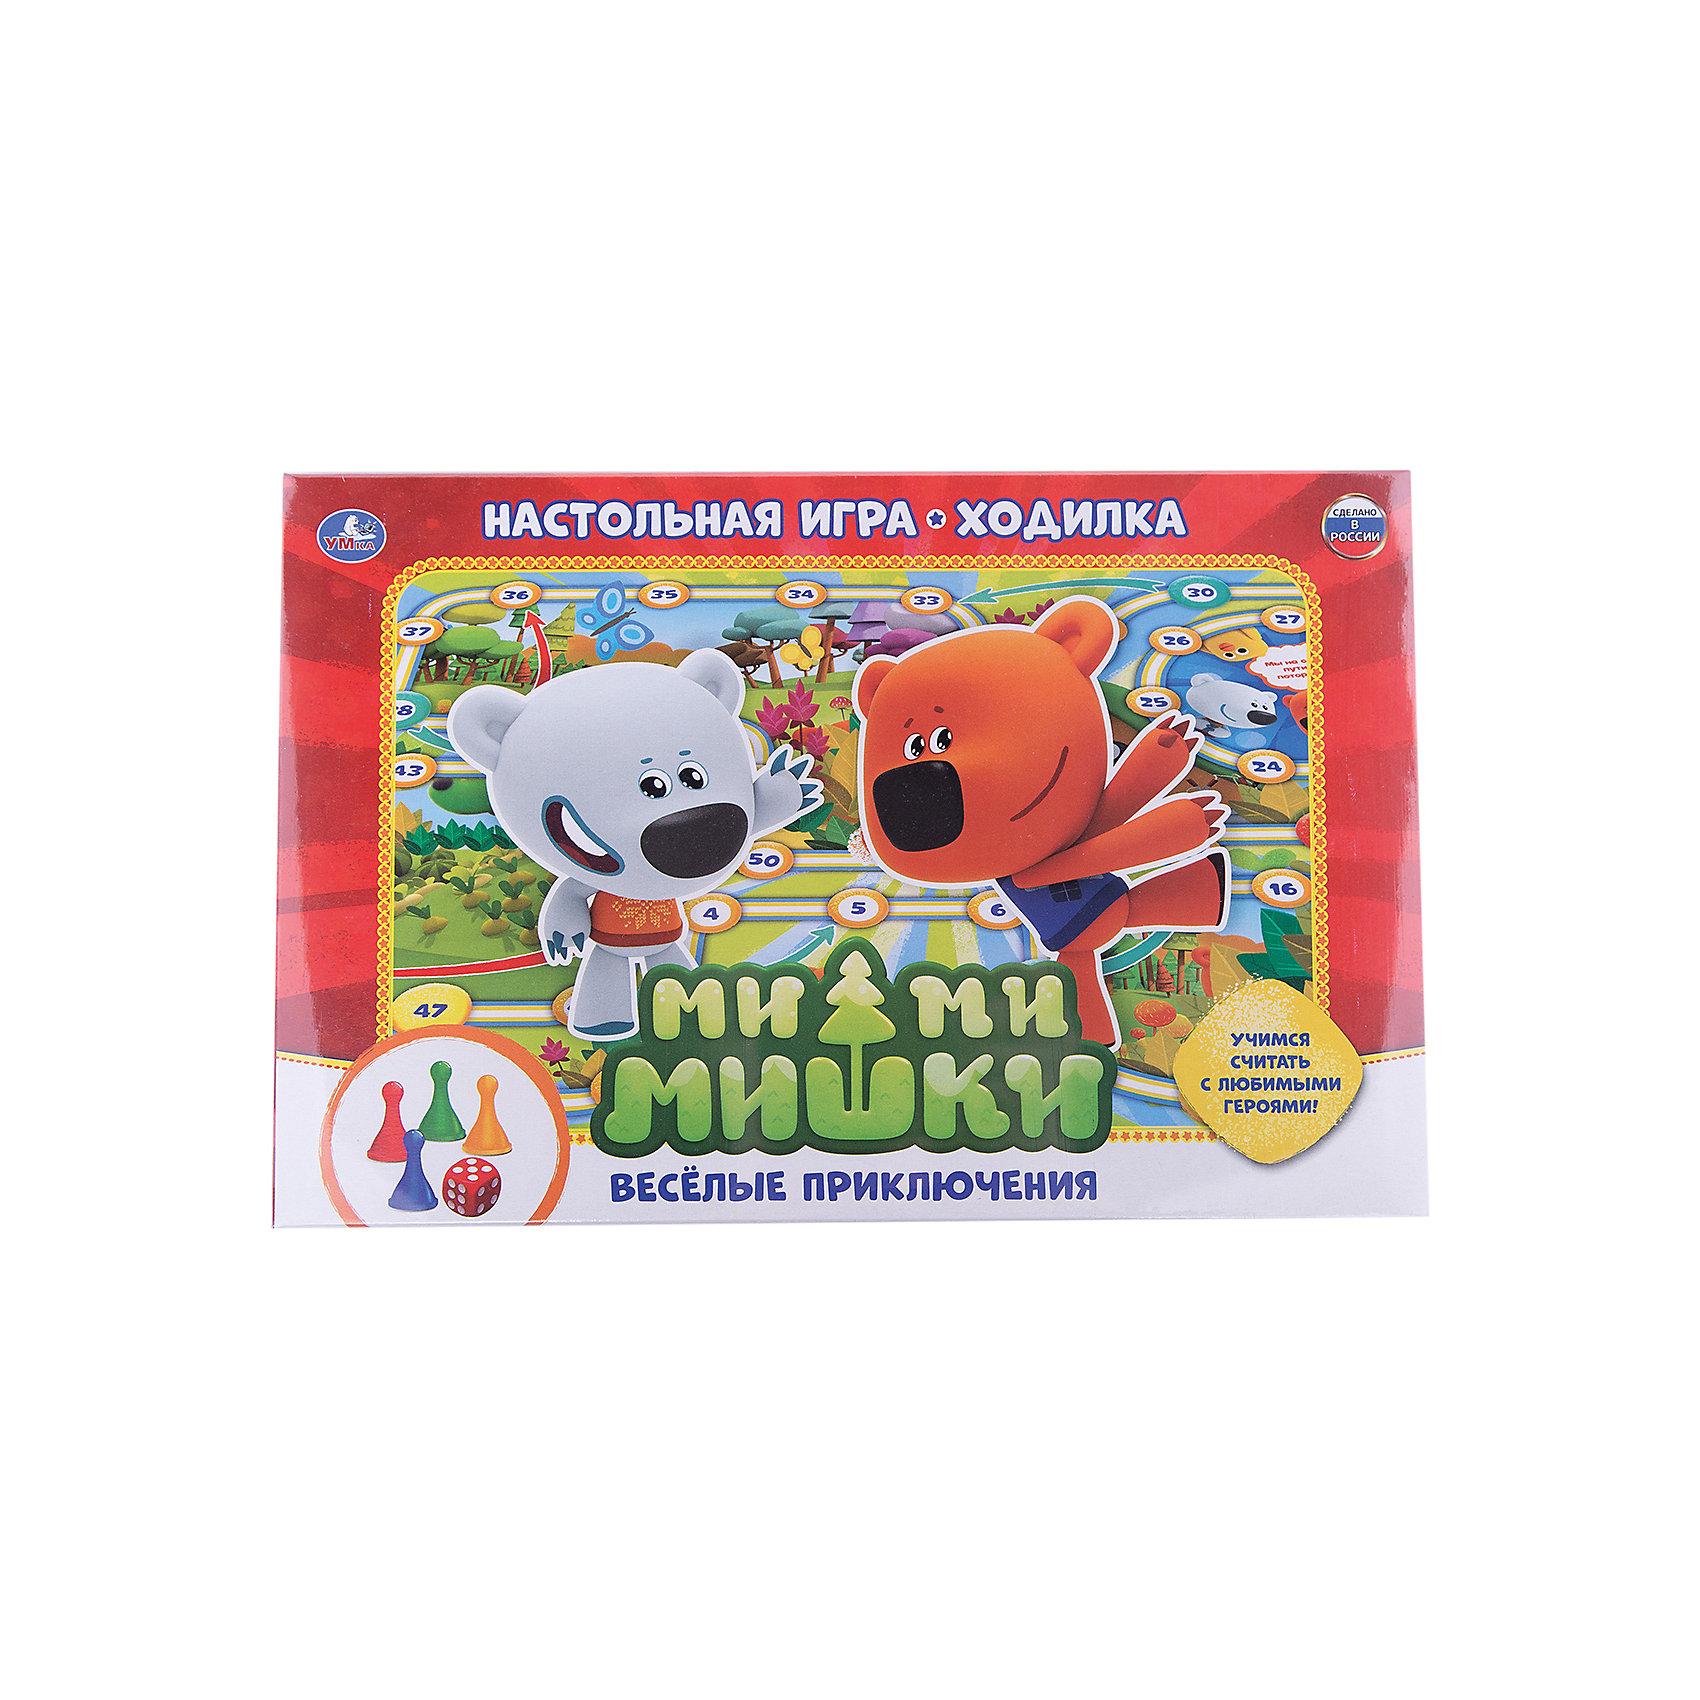 Настольная игра-ходилка Ми-ми-мишки, веселые приключения, УмкаНастольные игры могут не только развлекать малыша, но и помогать его всестороннему развитию. Эта игра-ходилка с любимыми детскими героями Ми-ми-мишками предназначена для формирования у малышей навыков счета, развития памяти и внимательности.<br>Игра представляет поле с кубиком и фишками. Сделан комплект из качественных материалов, безопасных для ребенка.<br><br>Дополнительная информация:<br><br>цвет: разноцветный;<br>материал: картон, пластик;<br>комплектация: игровое поле, кубик, 4 фишки;<br>размер упаковки: 30 x 210 x 330 мм.<br><br>Настольную игру-ходилку Ми-ми-мишки, веселые приключения от бренда Умка можно купить в нашем магазине.<br><br>Ширина мм: 30<br>Глубина мм: 330<br>Высота мм: 210<br>Вес г: 150<br>Возраст от месяцев: 36<br>Возраст до месяцев: 2147483647<br>Пол: Унисекс<br>Возраст: Детский<br>SKU: 5002209